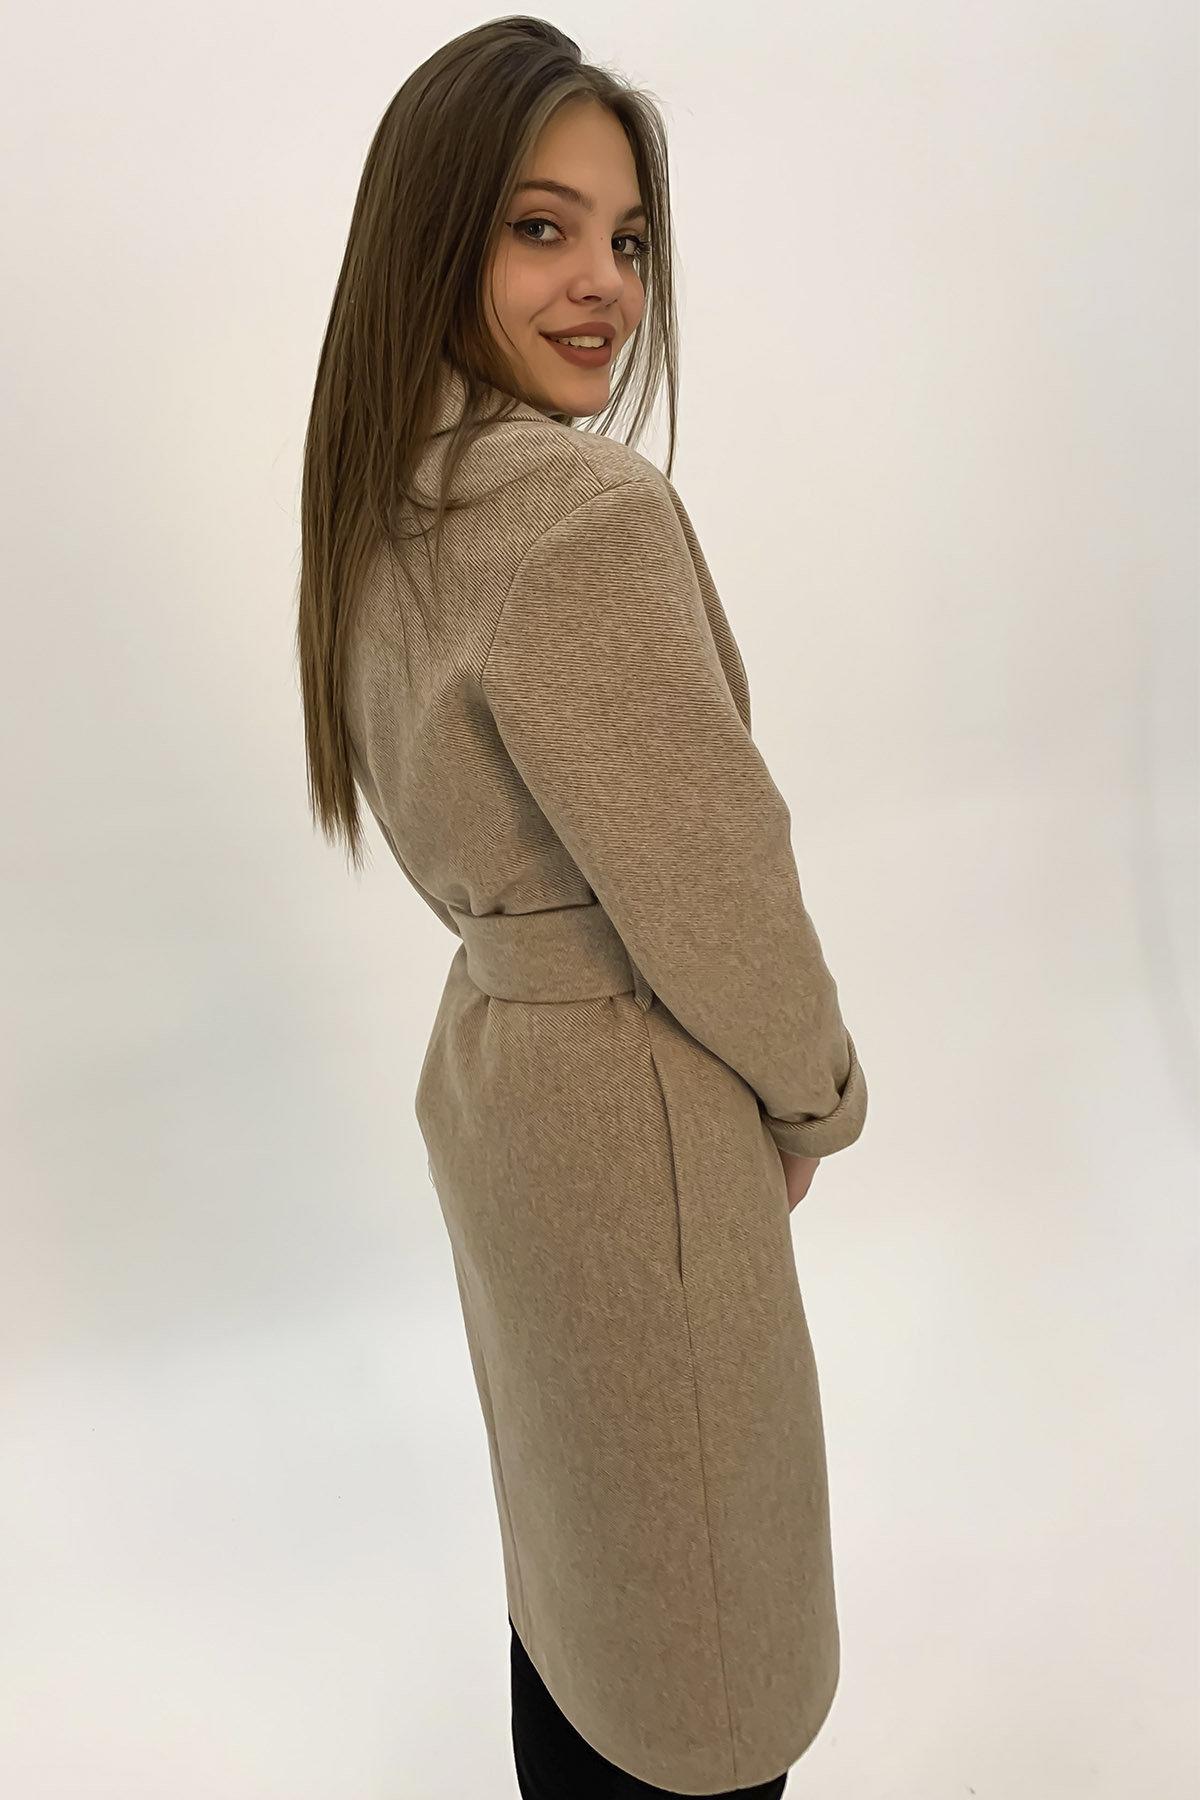 Демисезонное пальто бежевого цвета Севен 8757 АРТ. 45113 Цвет: Бежевый - фото 3, интернет магазин tm-modus.ru